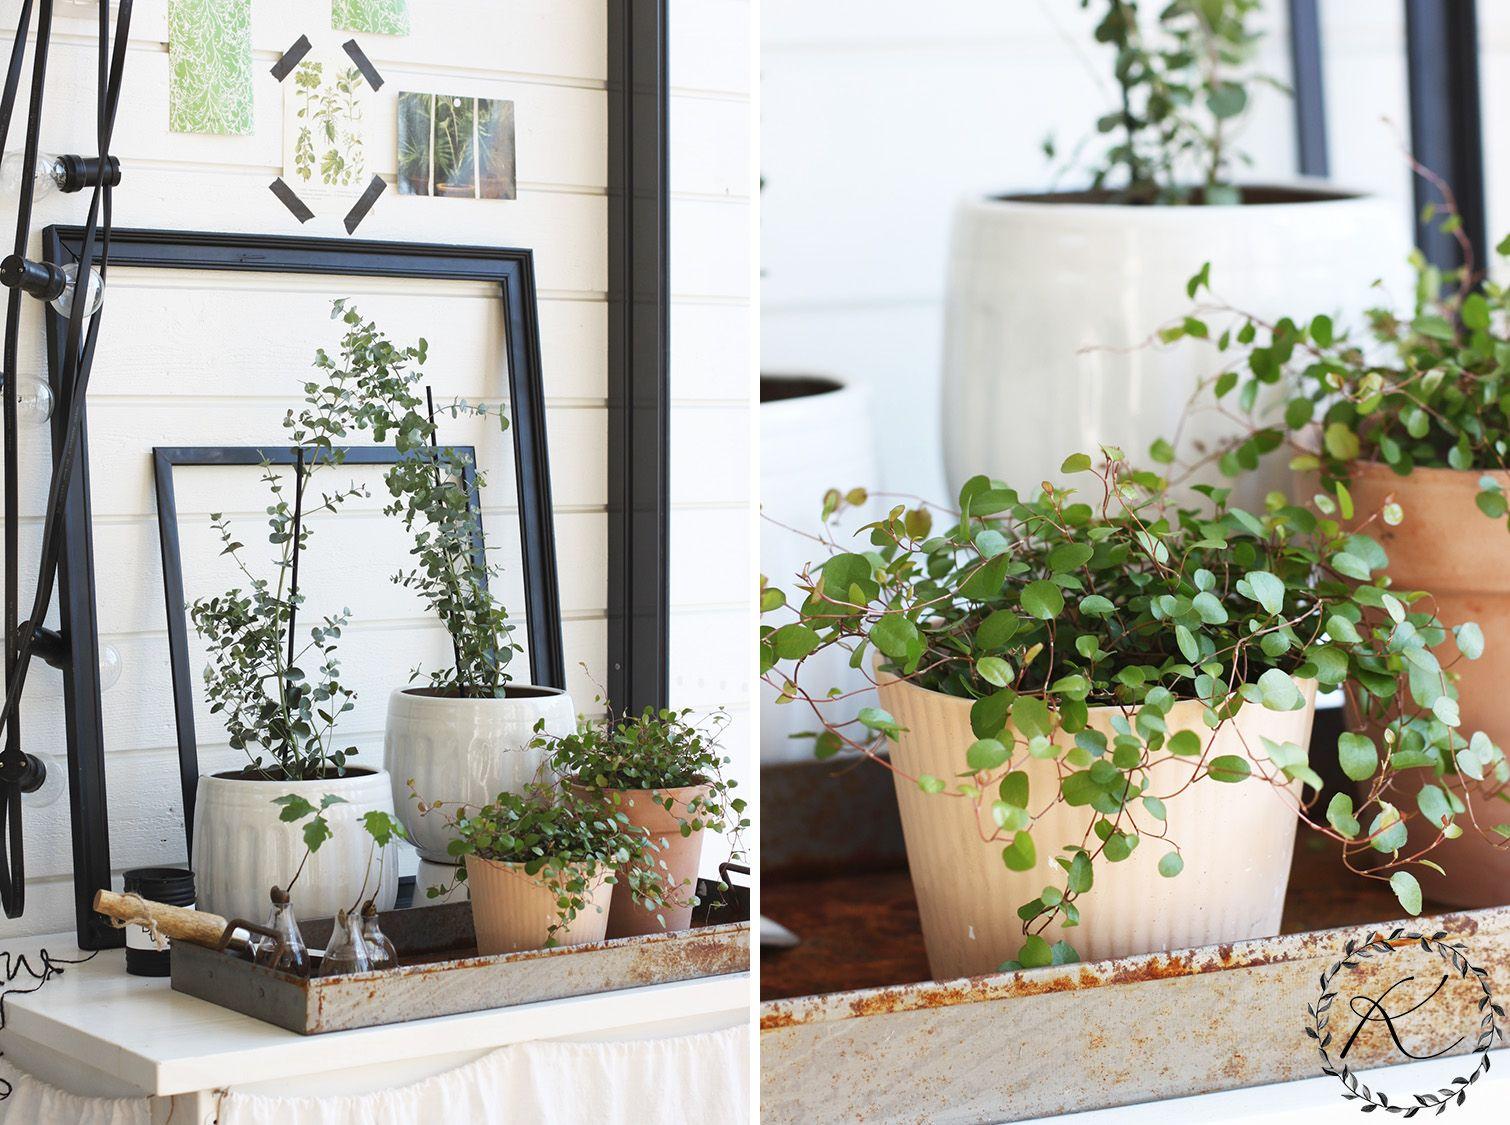 15x Eucalyptus Huis : Terassin uudella pöydällä vihertää kukkala flowers plants garden